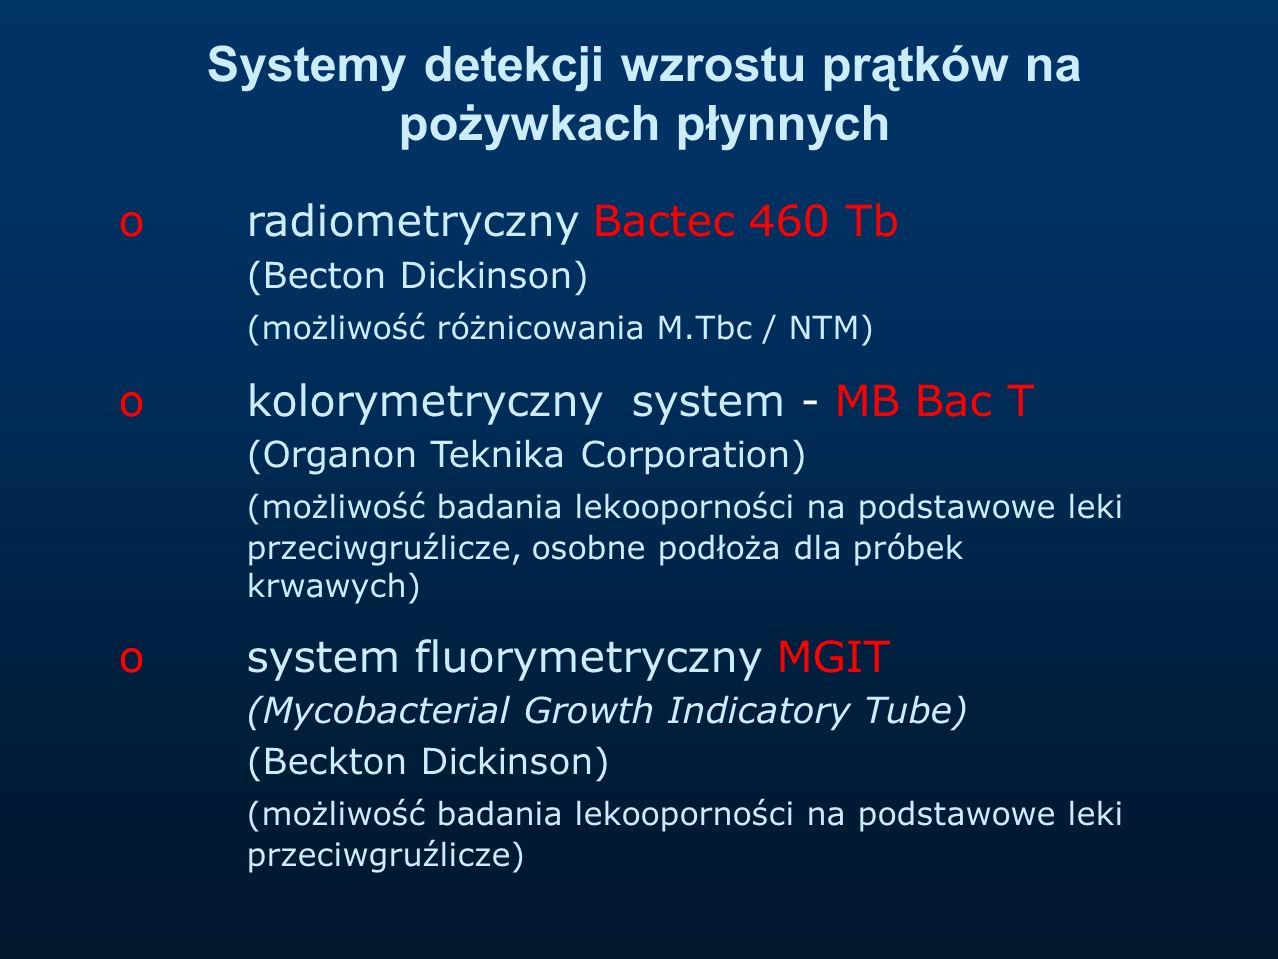 o radiometryczny Bactec 460 Tb (Becton Dickinson) (możliwość różnicowania M.Tbc / NTM) o kolorymetryczny system - MB Bac T (Organon Teknika Corporatio